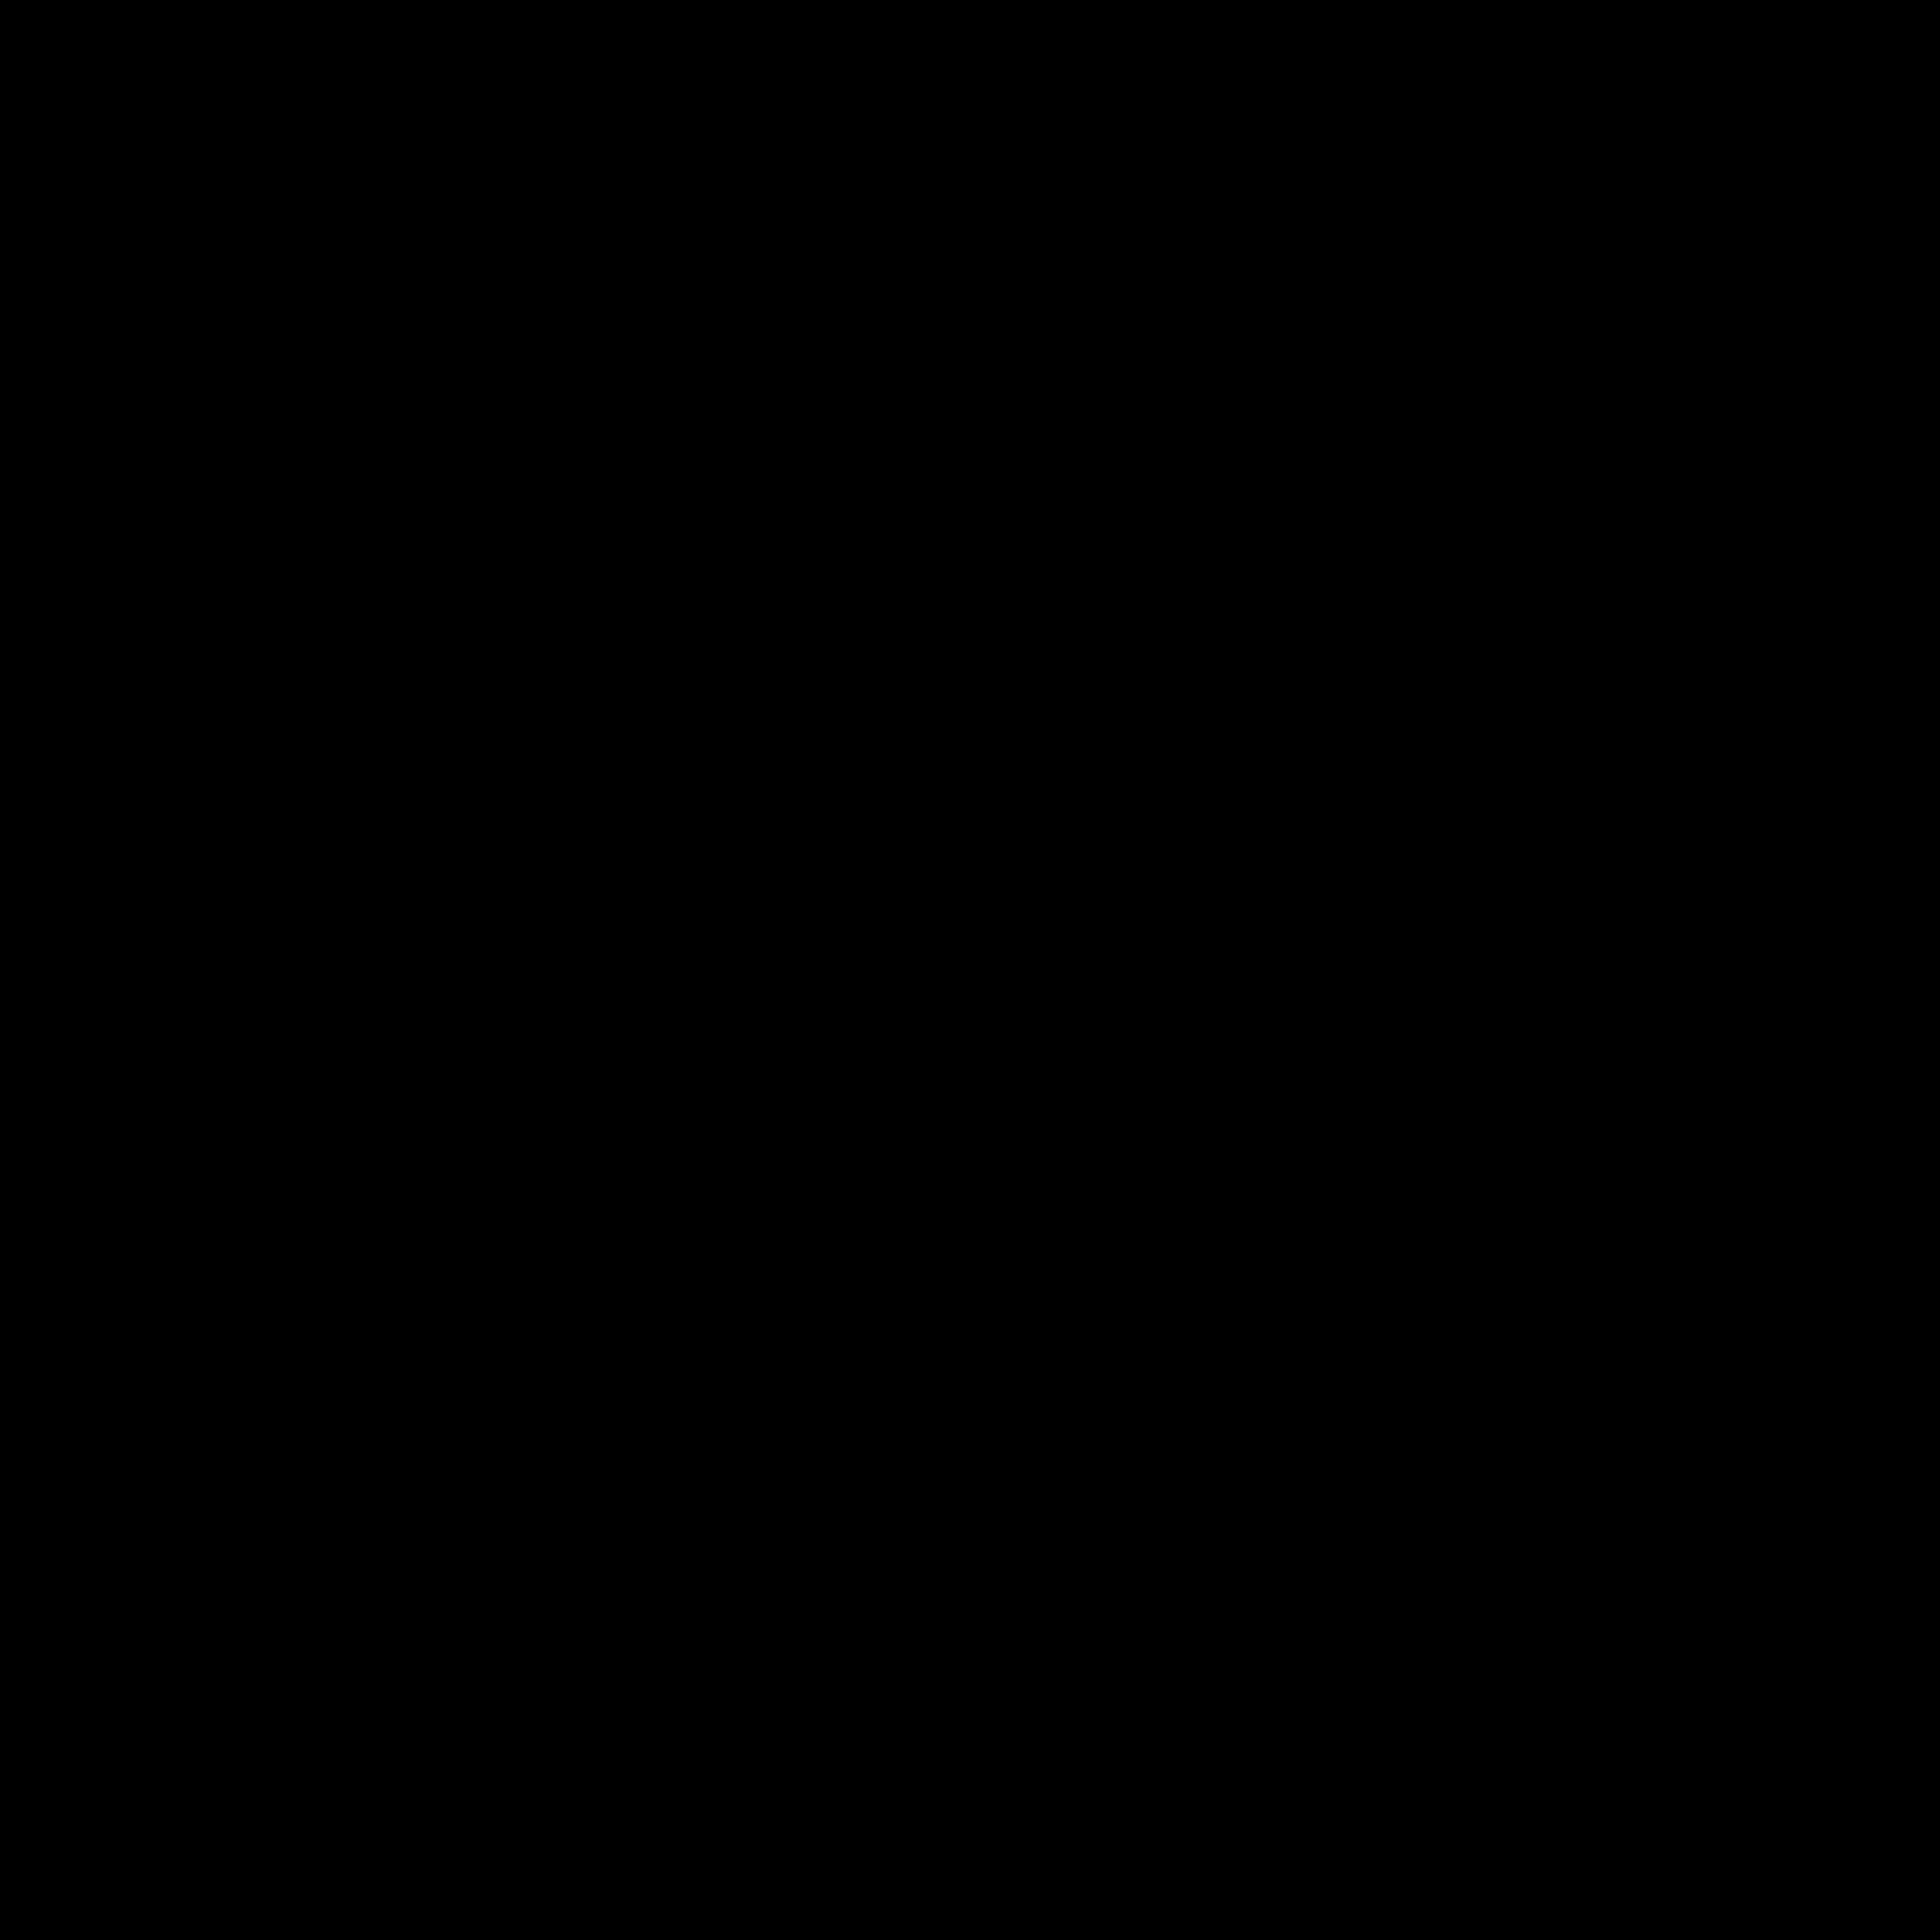 Hamster clipart outline. Chipmunk contour big image